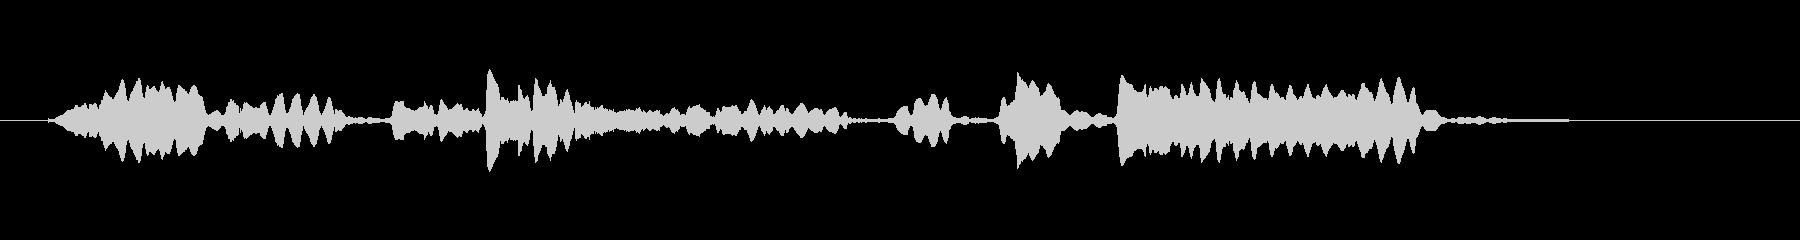 美しくゆったりした管楽器サウンドの未再生の波形